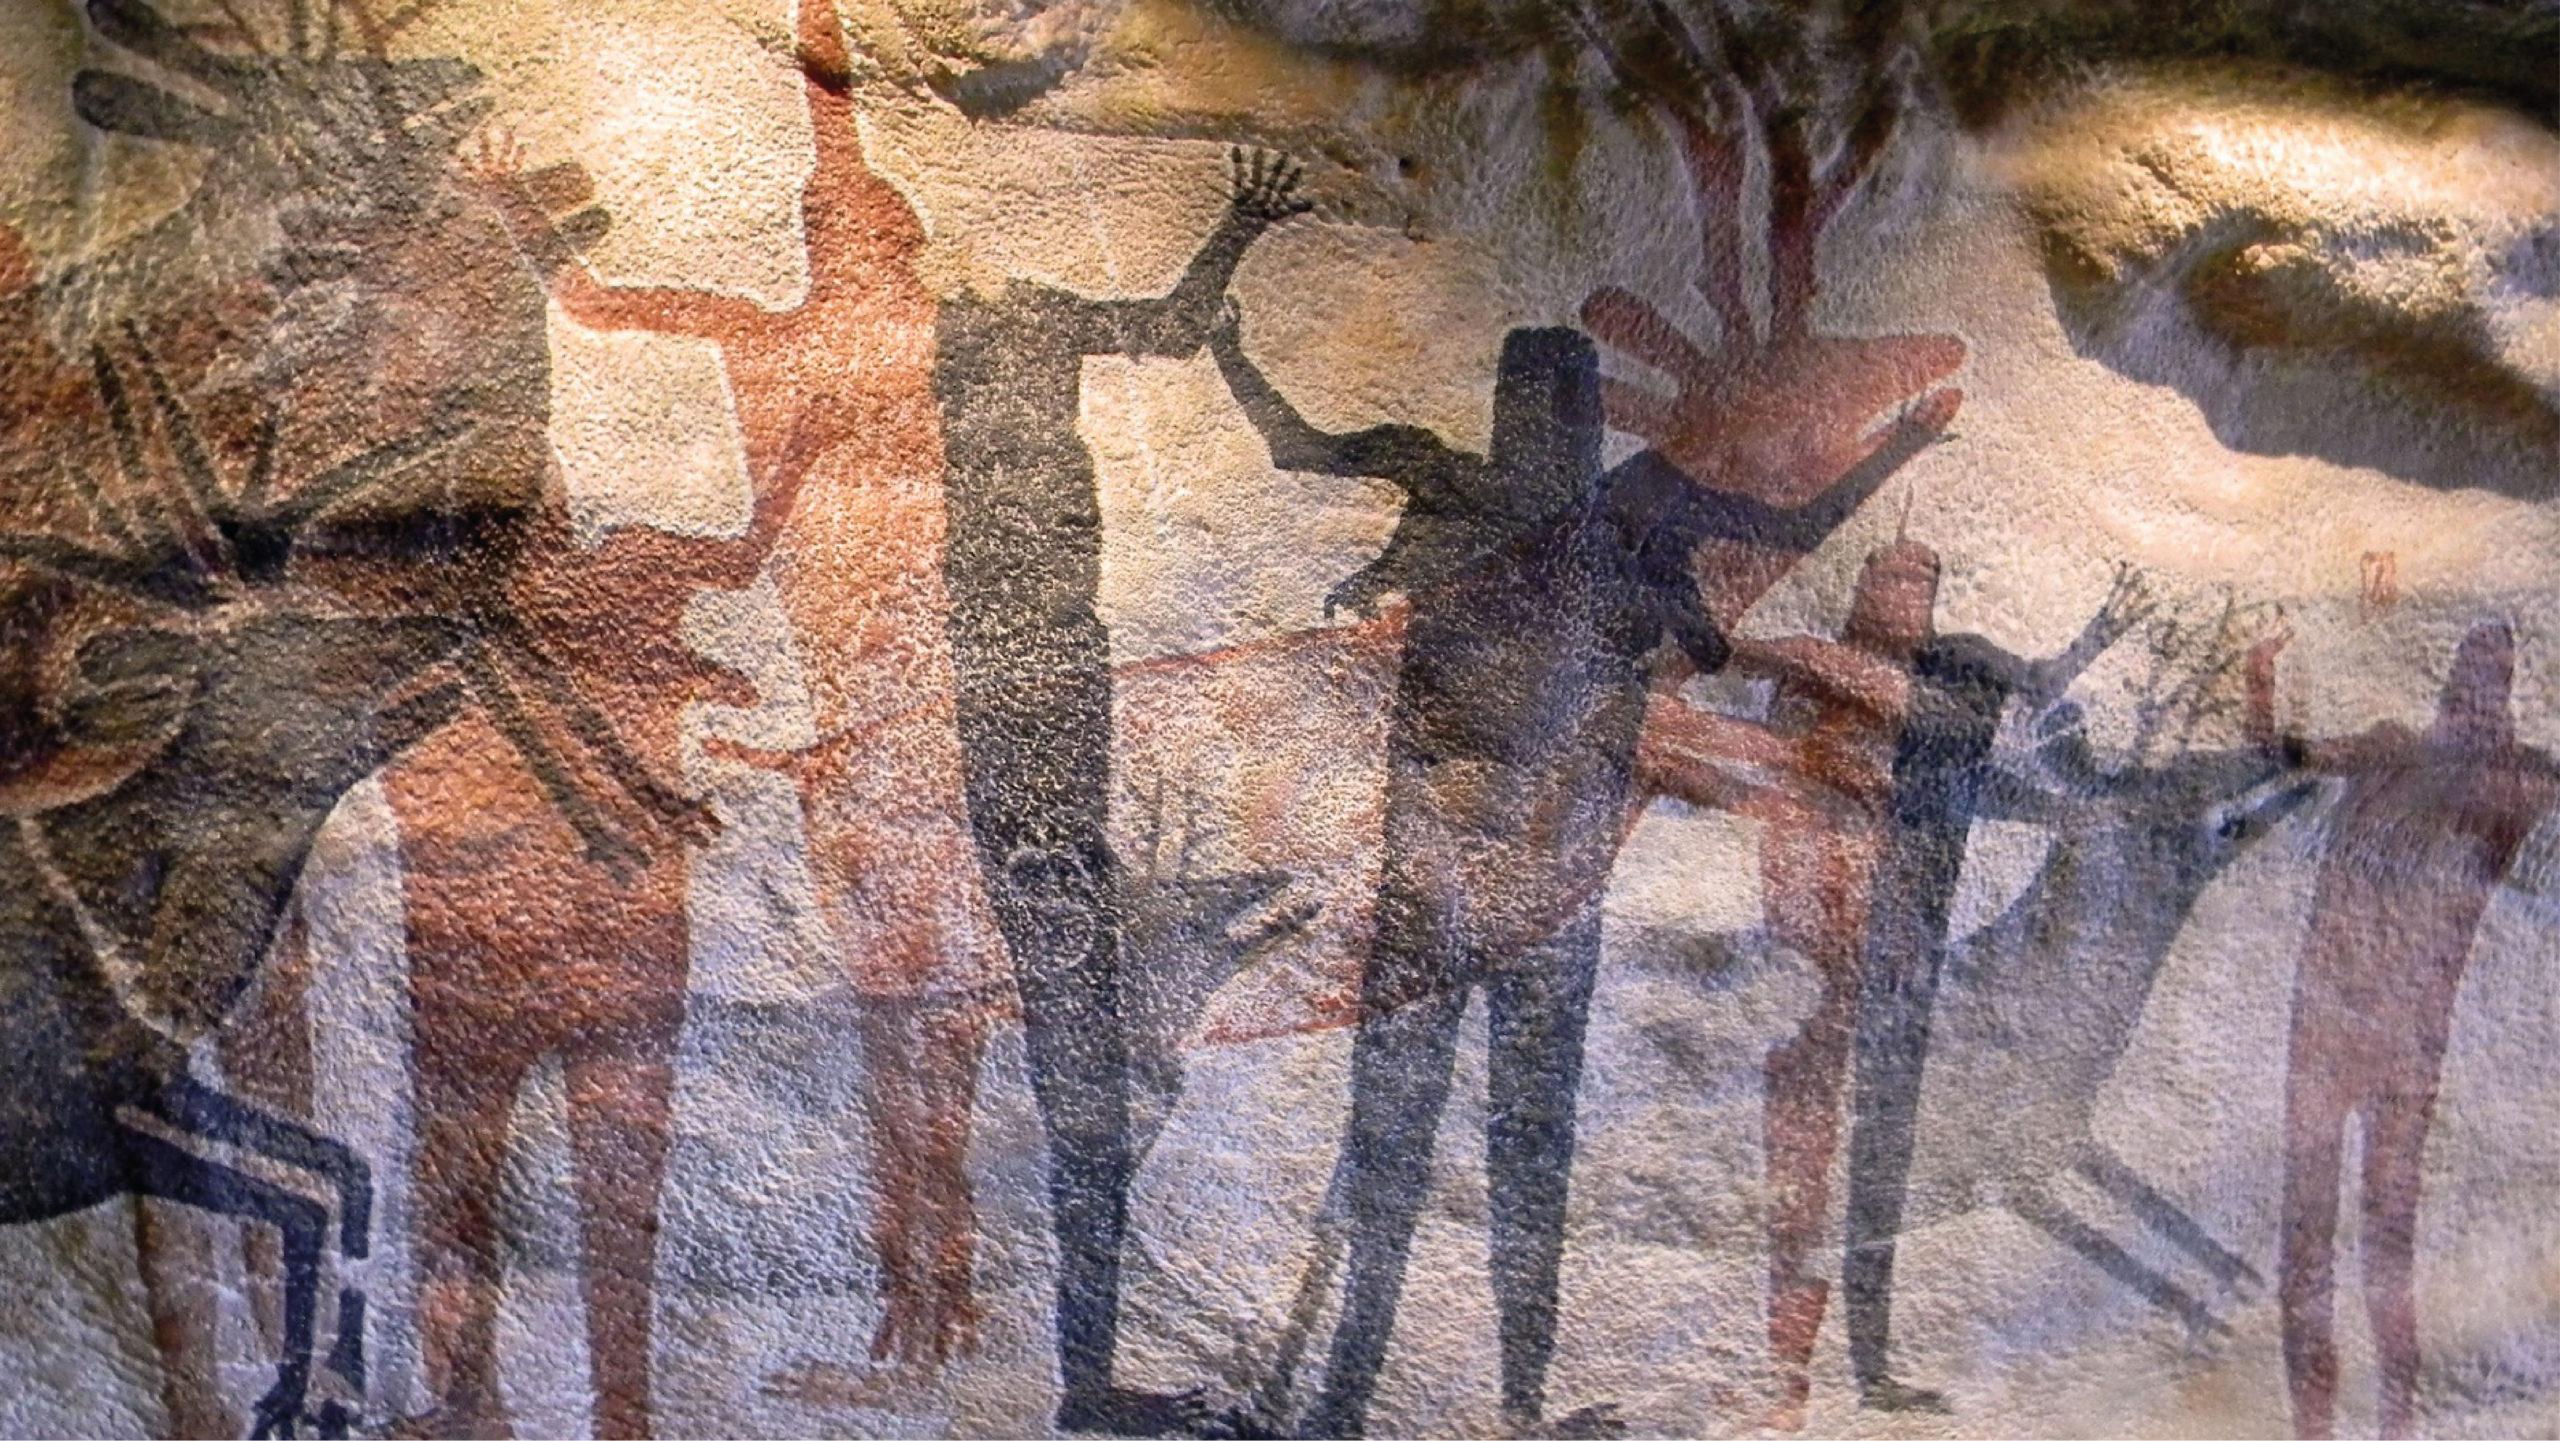 Cambio climático destruye pinturas rupestres más antiguas del mundo